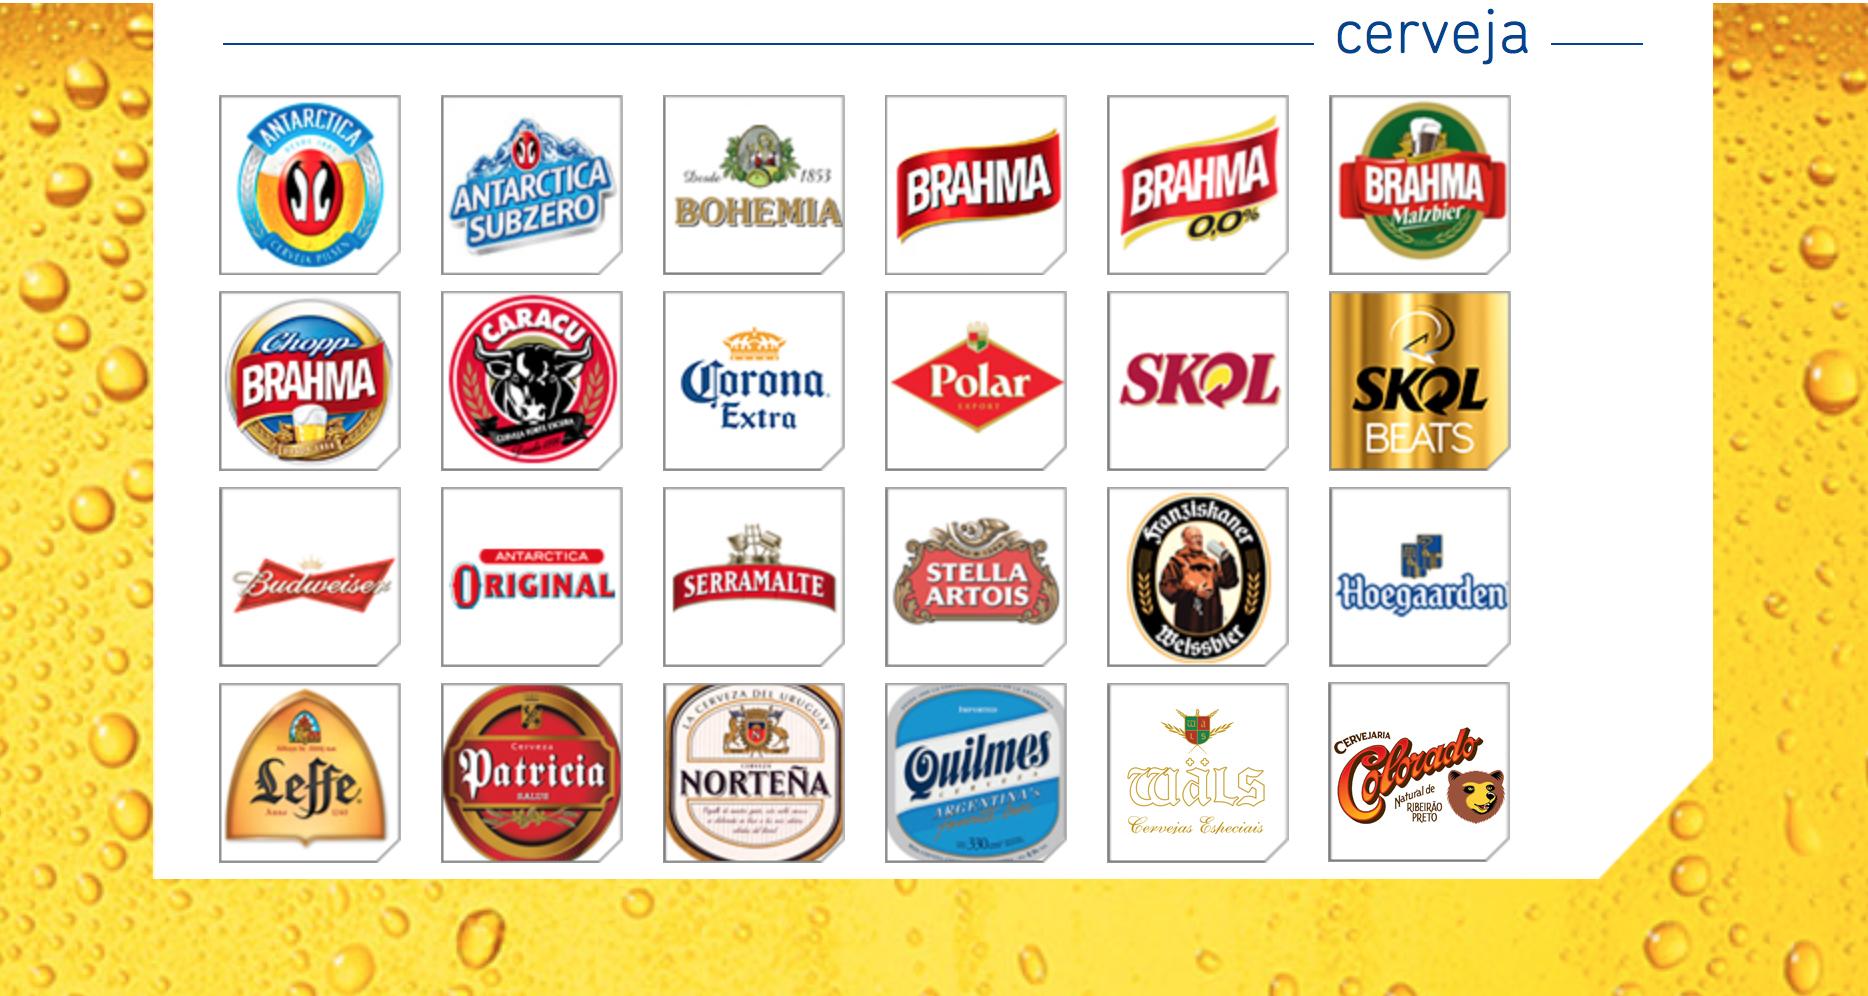 Em um exercício de comparação, a partir do quadro de marcas que a Ambev apresenta em seu site, a Beer Art inseriu as marcas da Wäls e da Colorado